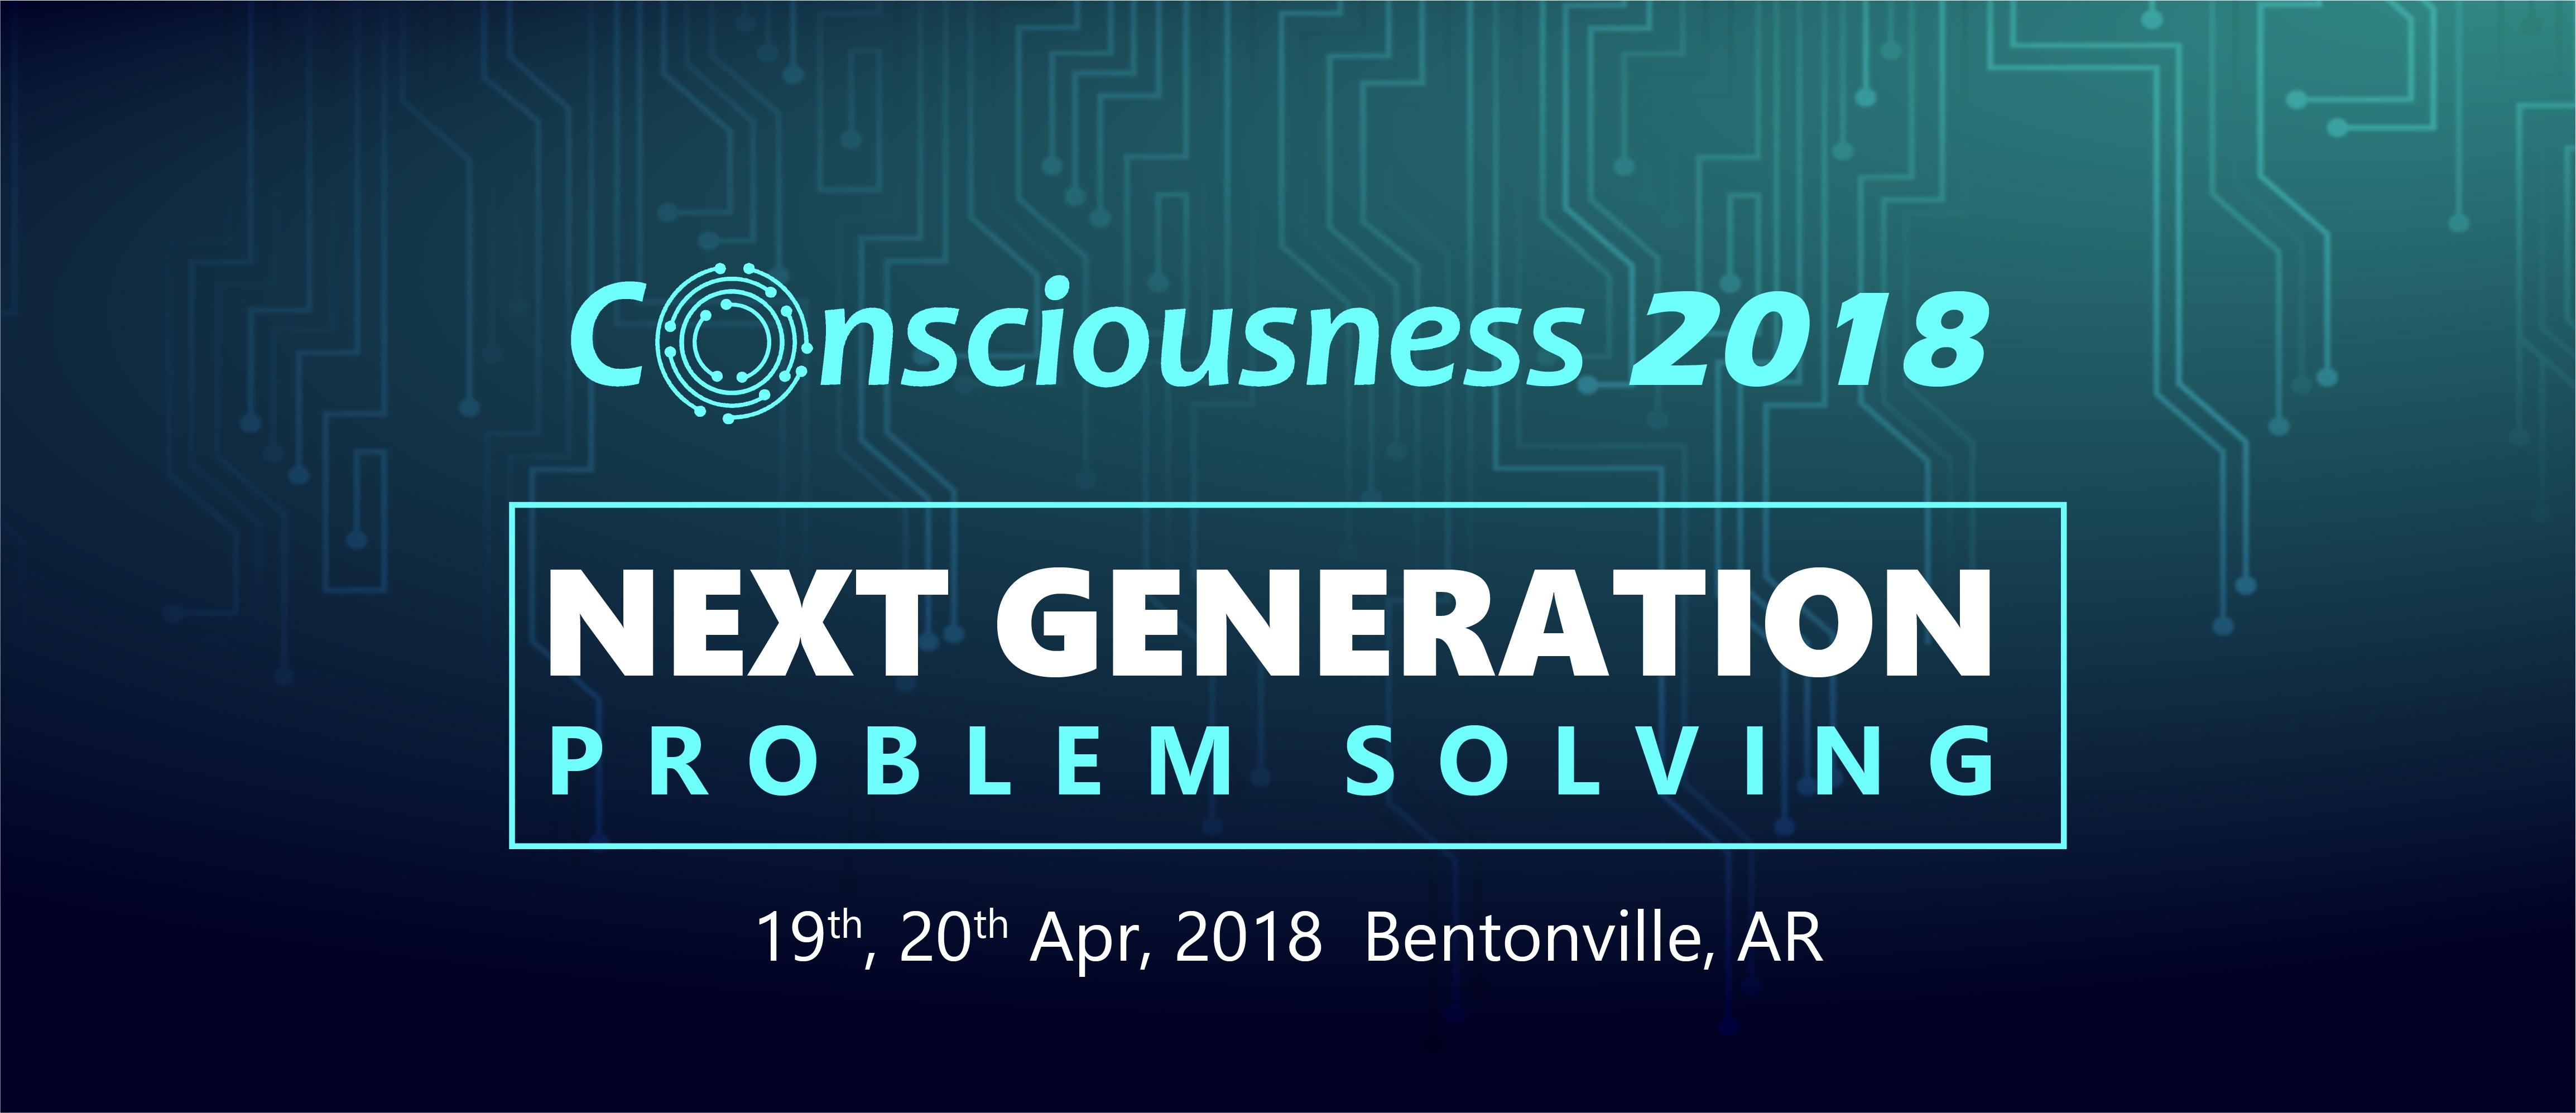 Consciousness 2018